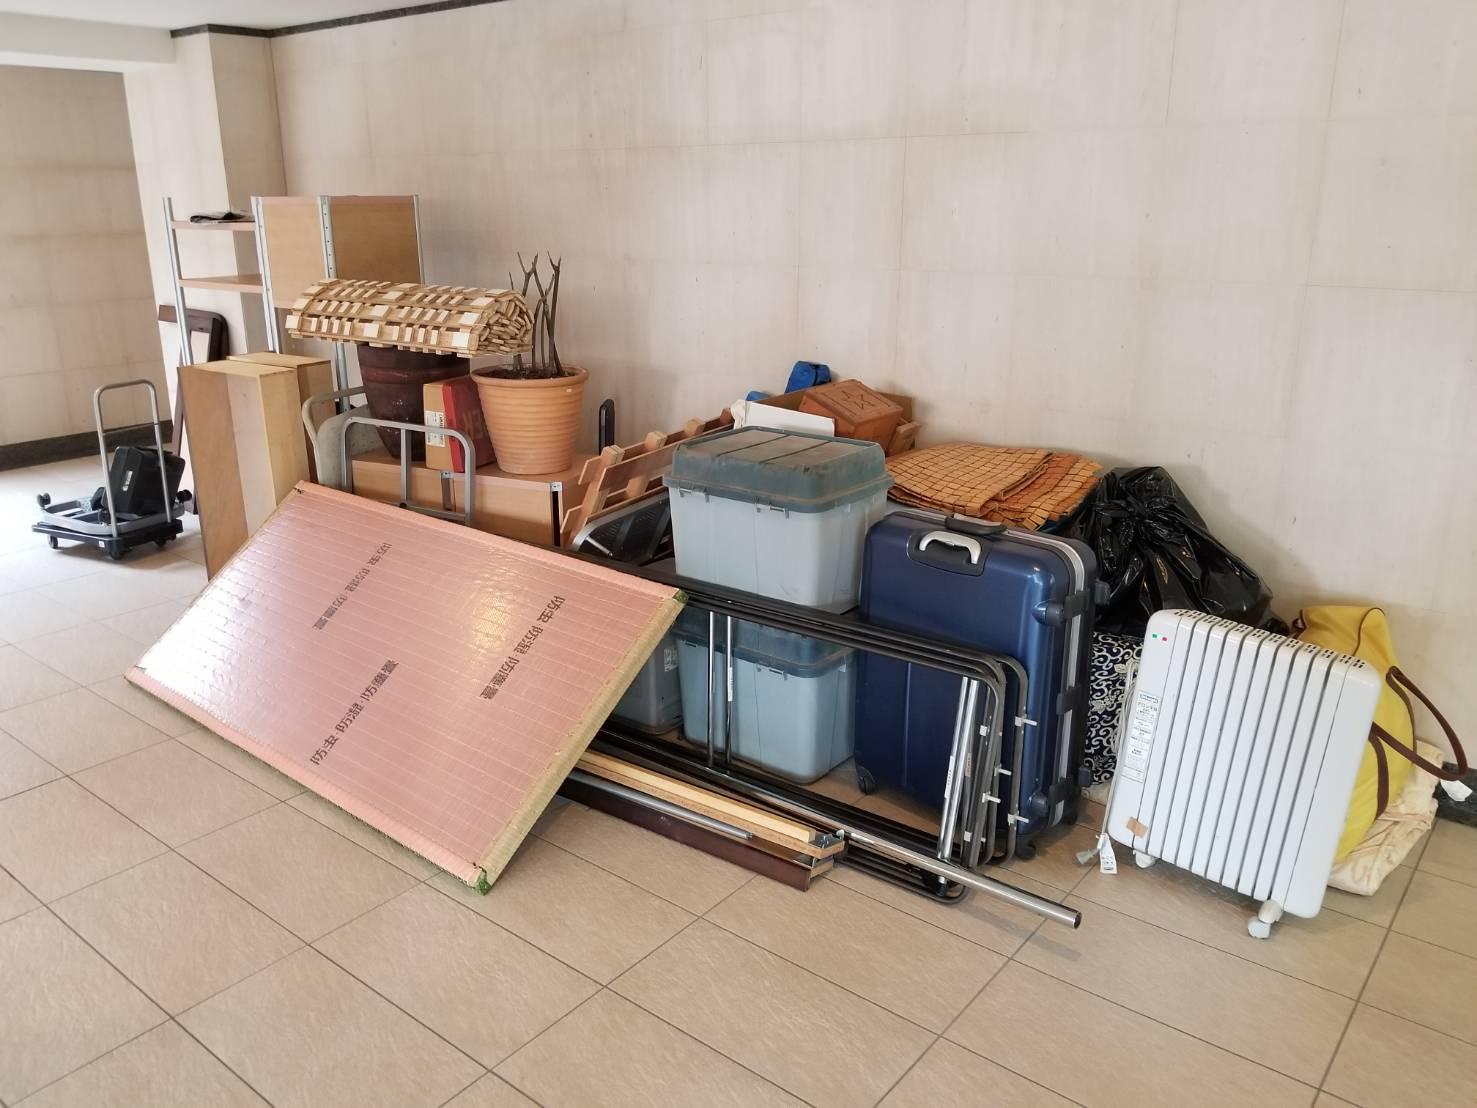 スーツケース、空気清浄機、畳、すのこ、植木鉢の回収前